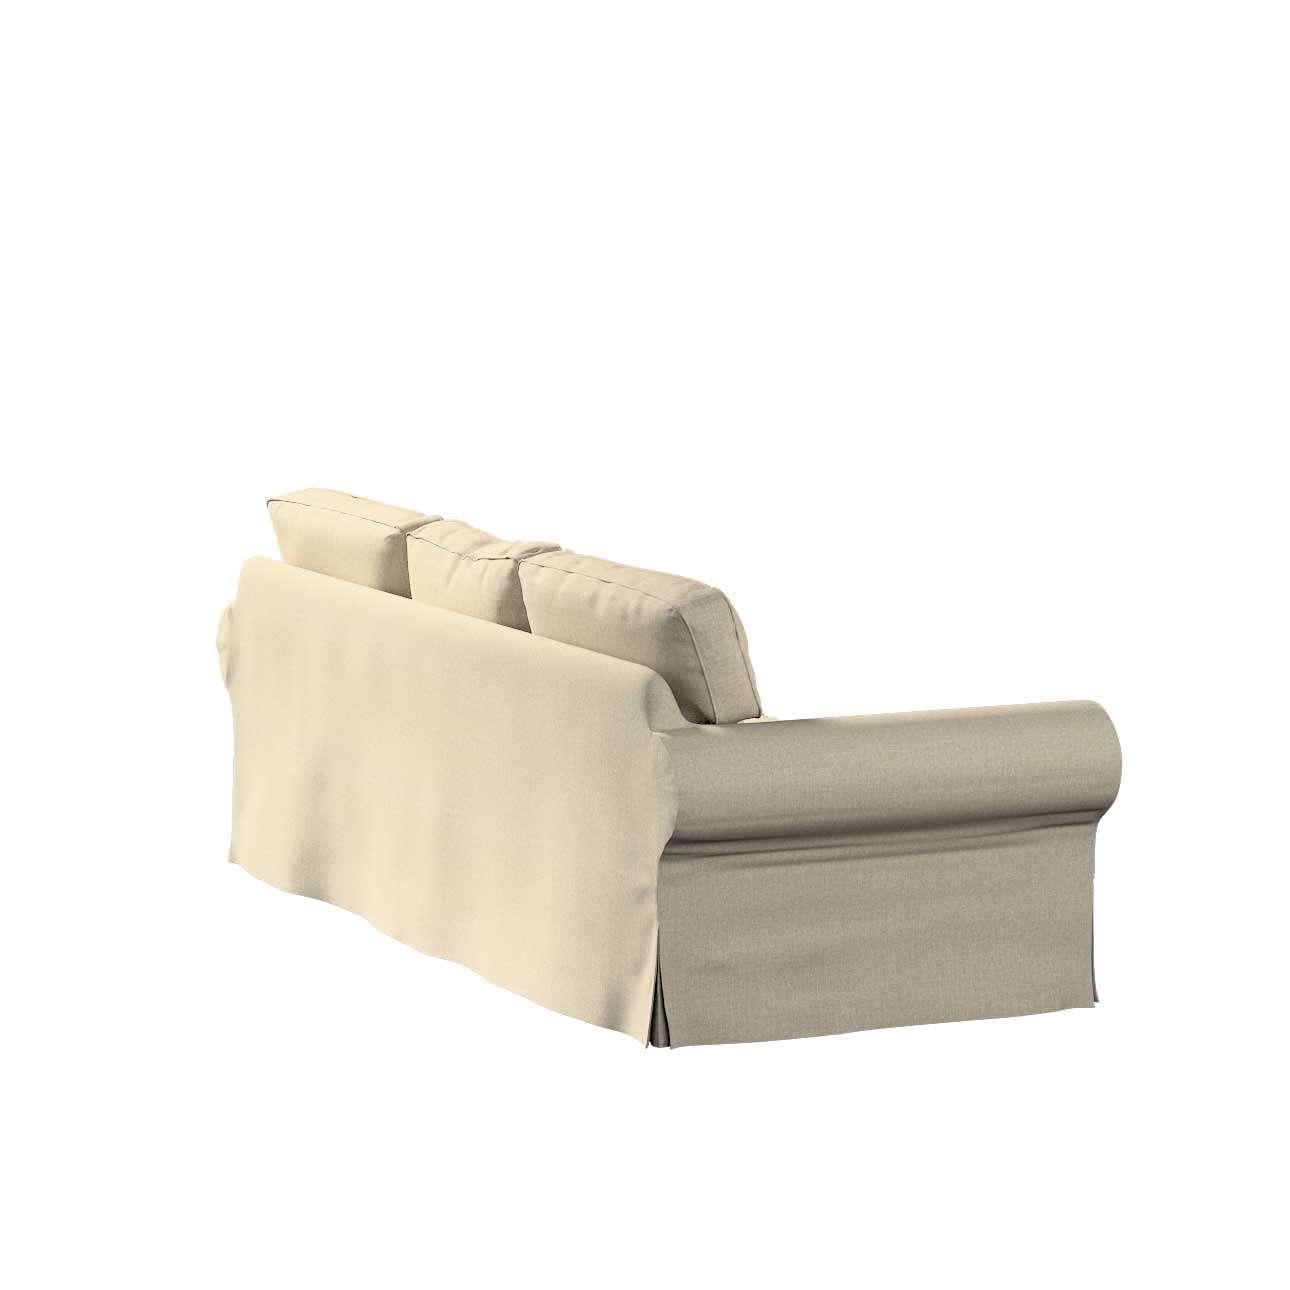 Pokrowiec na sofę Ektorp 3-osobową, rozkładaną w kolekcji City, tkanina: 704-80